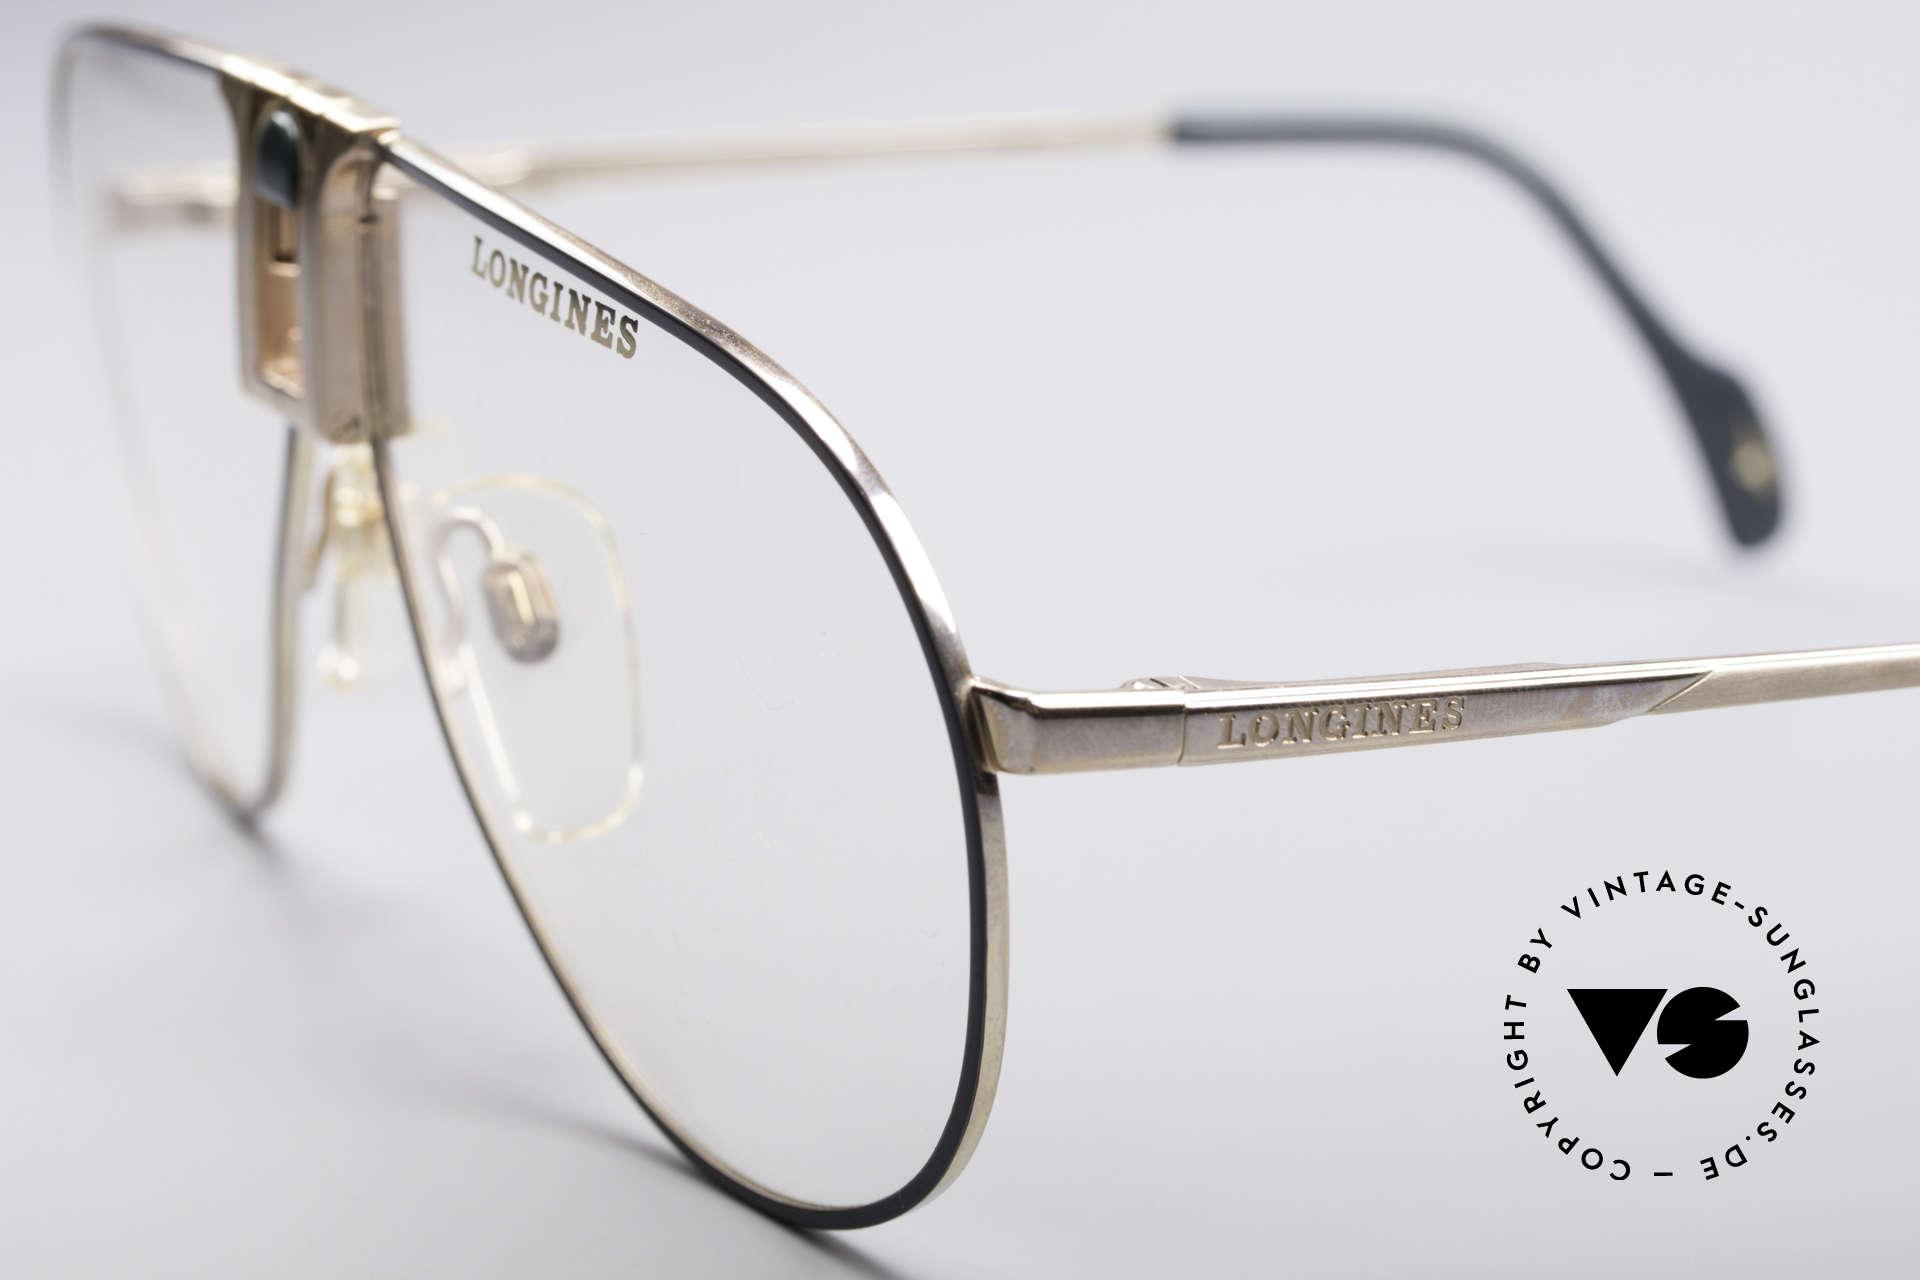 Longines 0154 1980's Aviator Glasses, luxury designer glasses for gentlemen; pure lifestyle!, Made for Men